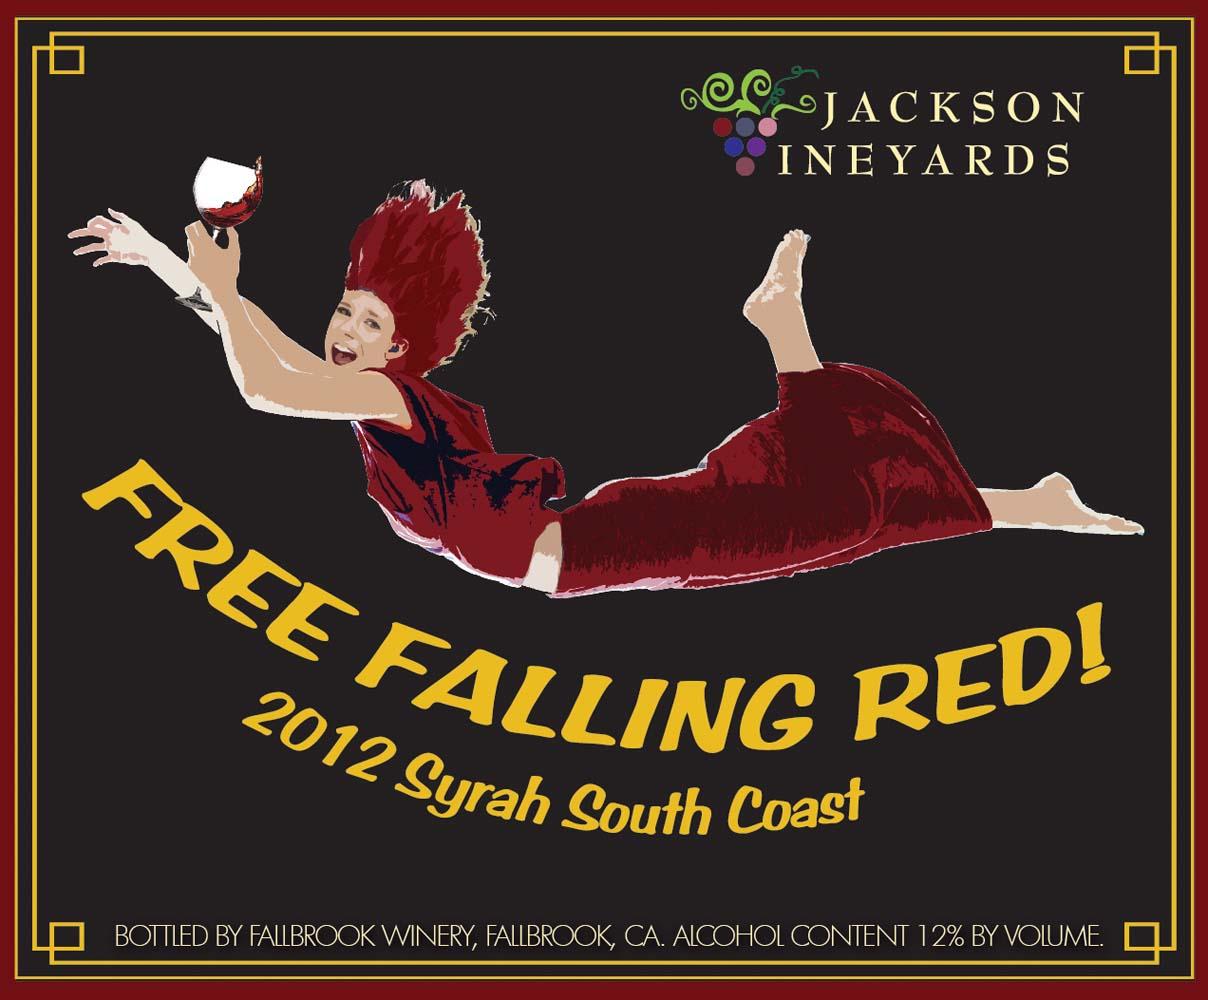 2012-FreeFallingRed-FrontLabel.jpg